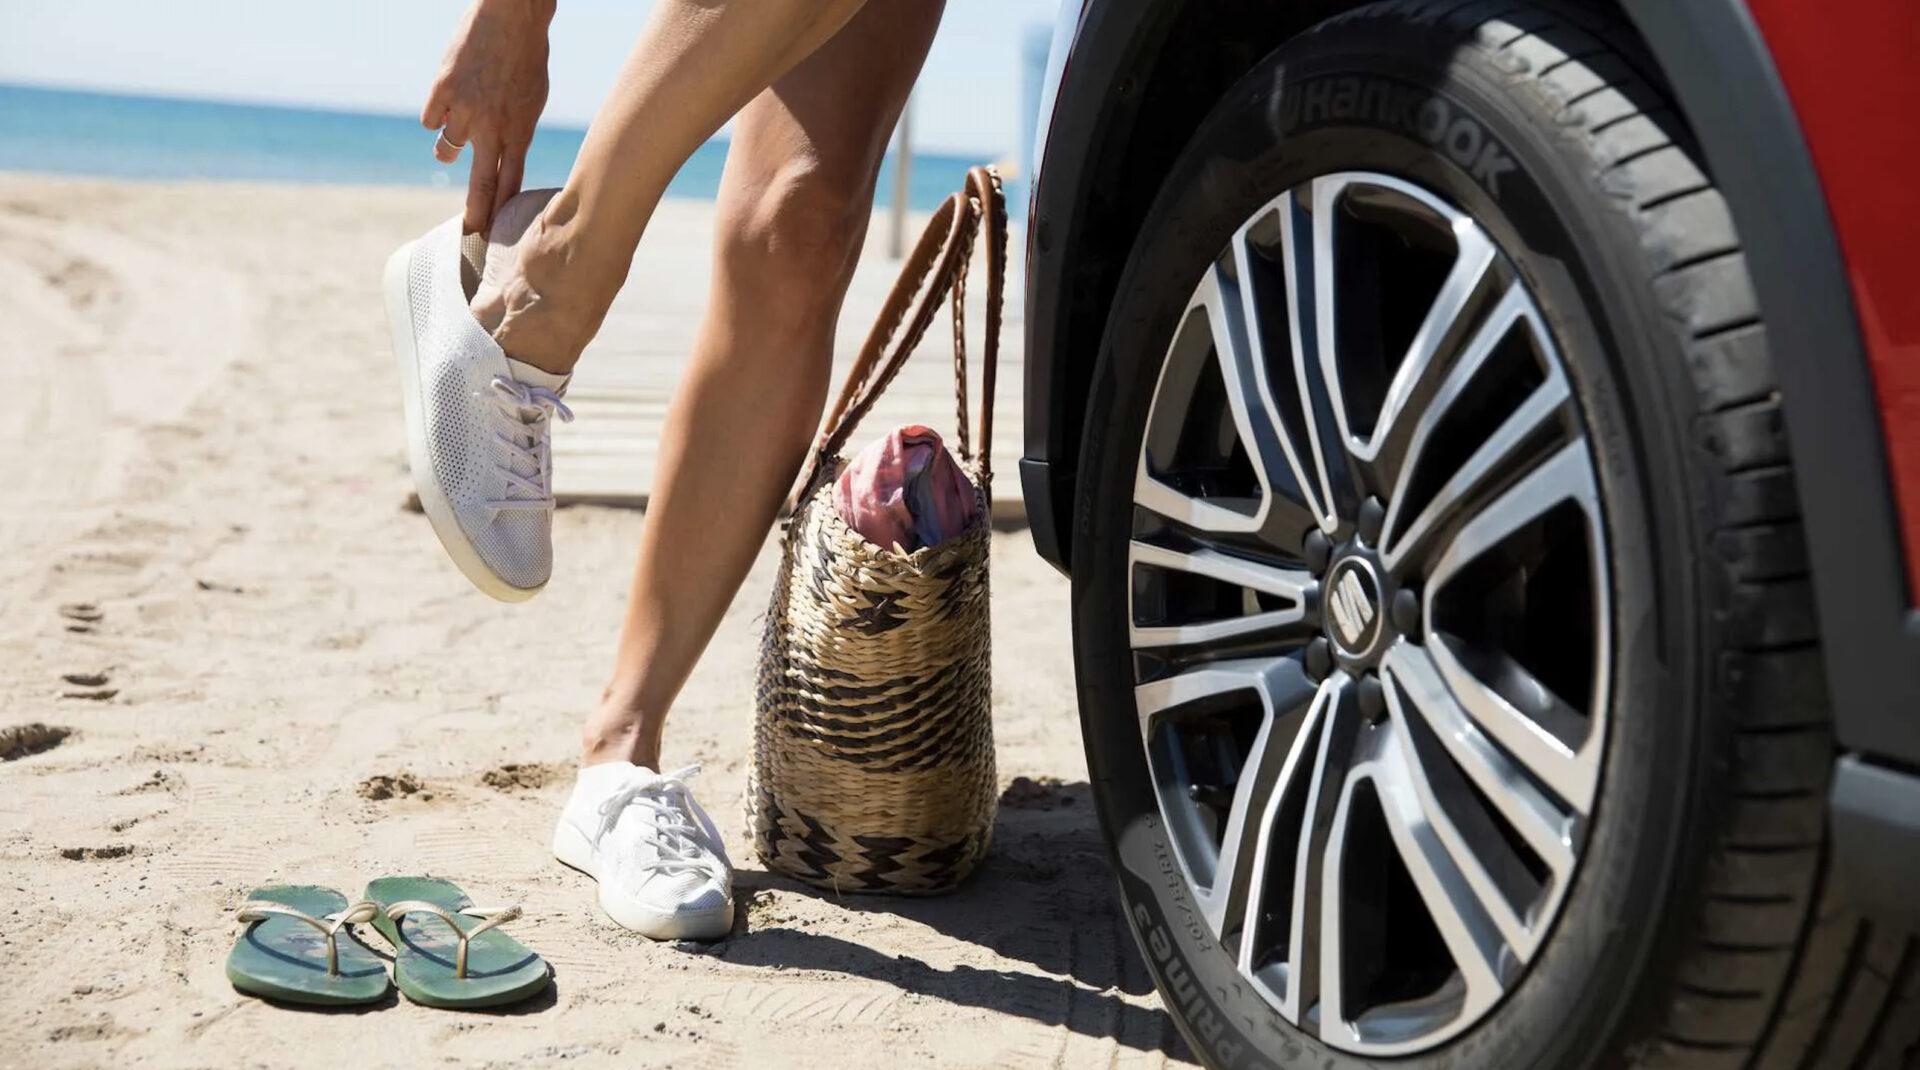 Los 10 errores comunes que pueden perjudicar el estado de un coche en verano